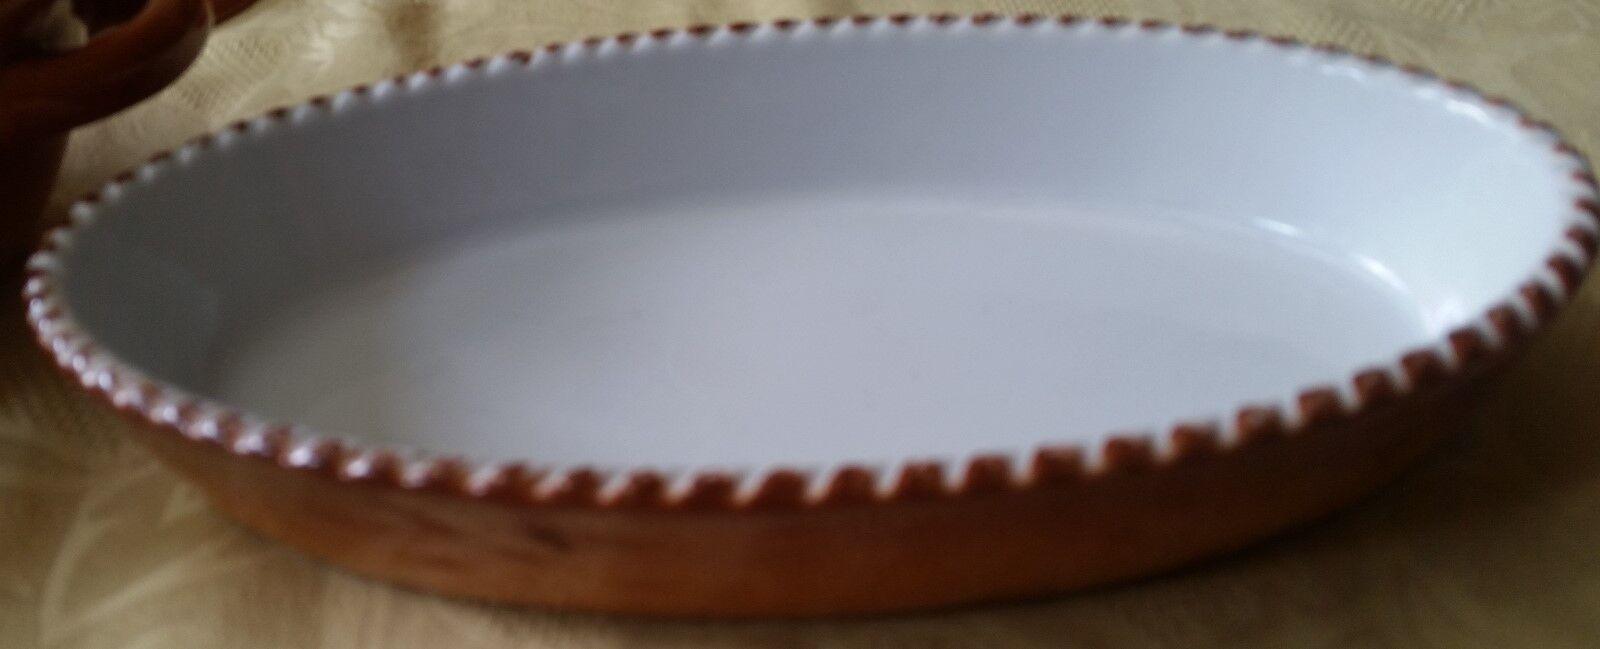 Cupcakes Dekorieren und Backen 2PCS//SET VAVAMAX Spritzt/üllen f/ür Spritzguss-Spritzt/üllen aus Edelstahl f/ür Kuchen